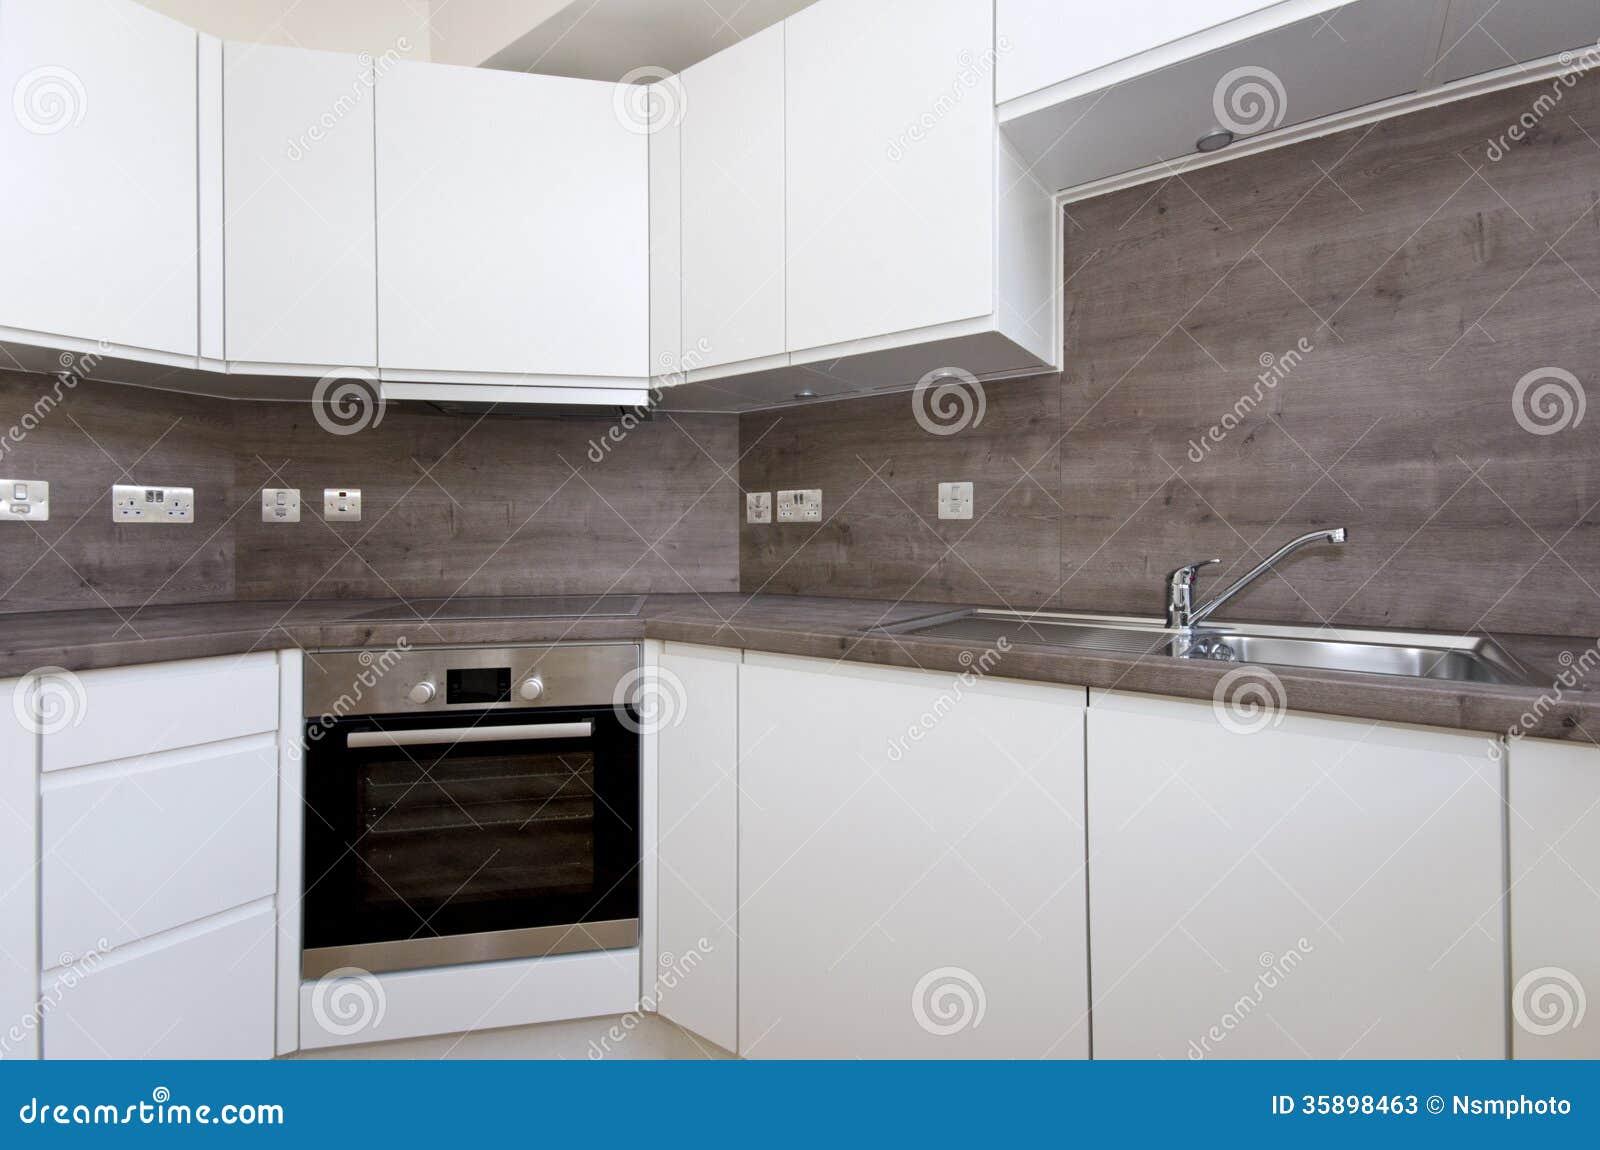 keuken tegels natuursteen : Eigentijdse Keuken Met Natuursteen Worktop En Tegels In Whi Stock